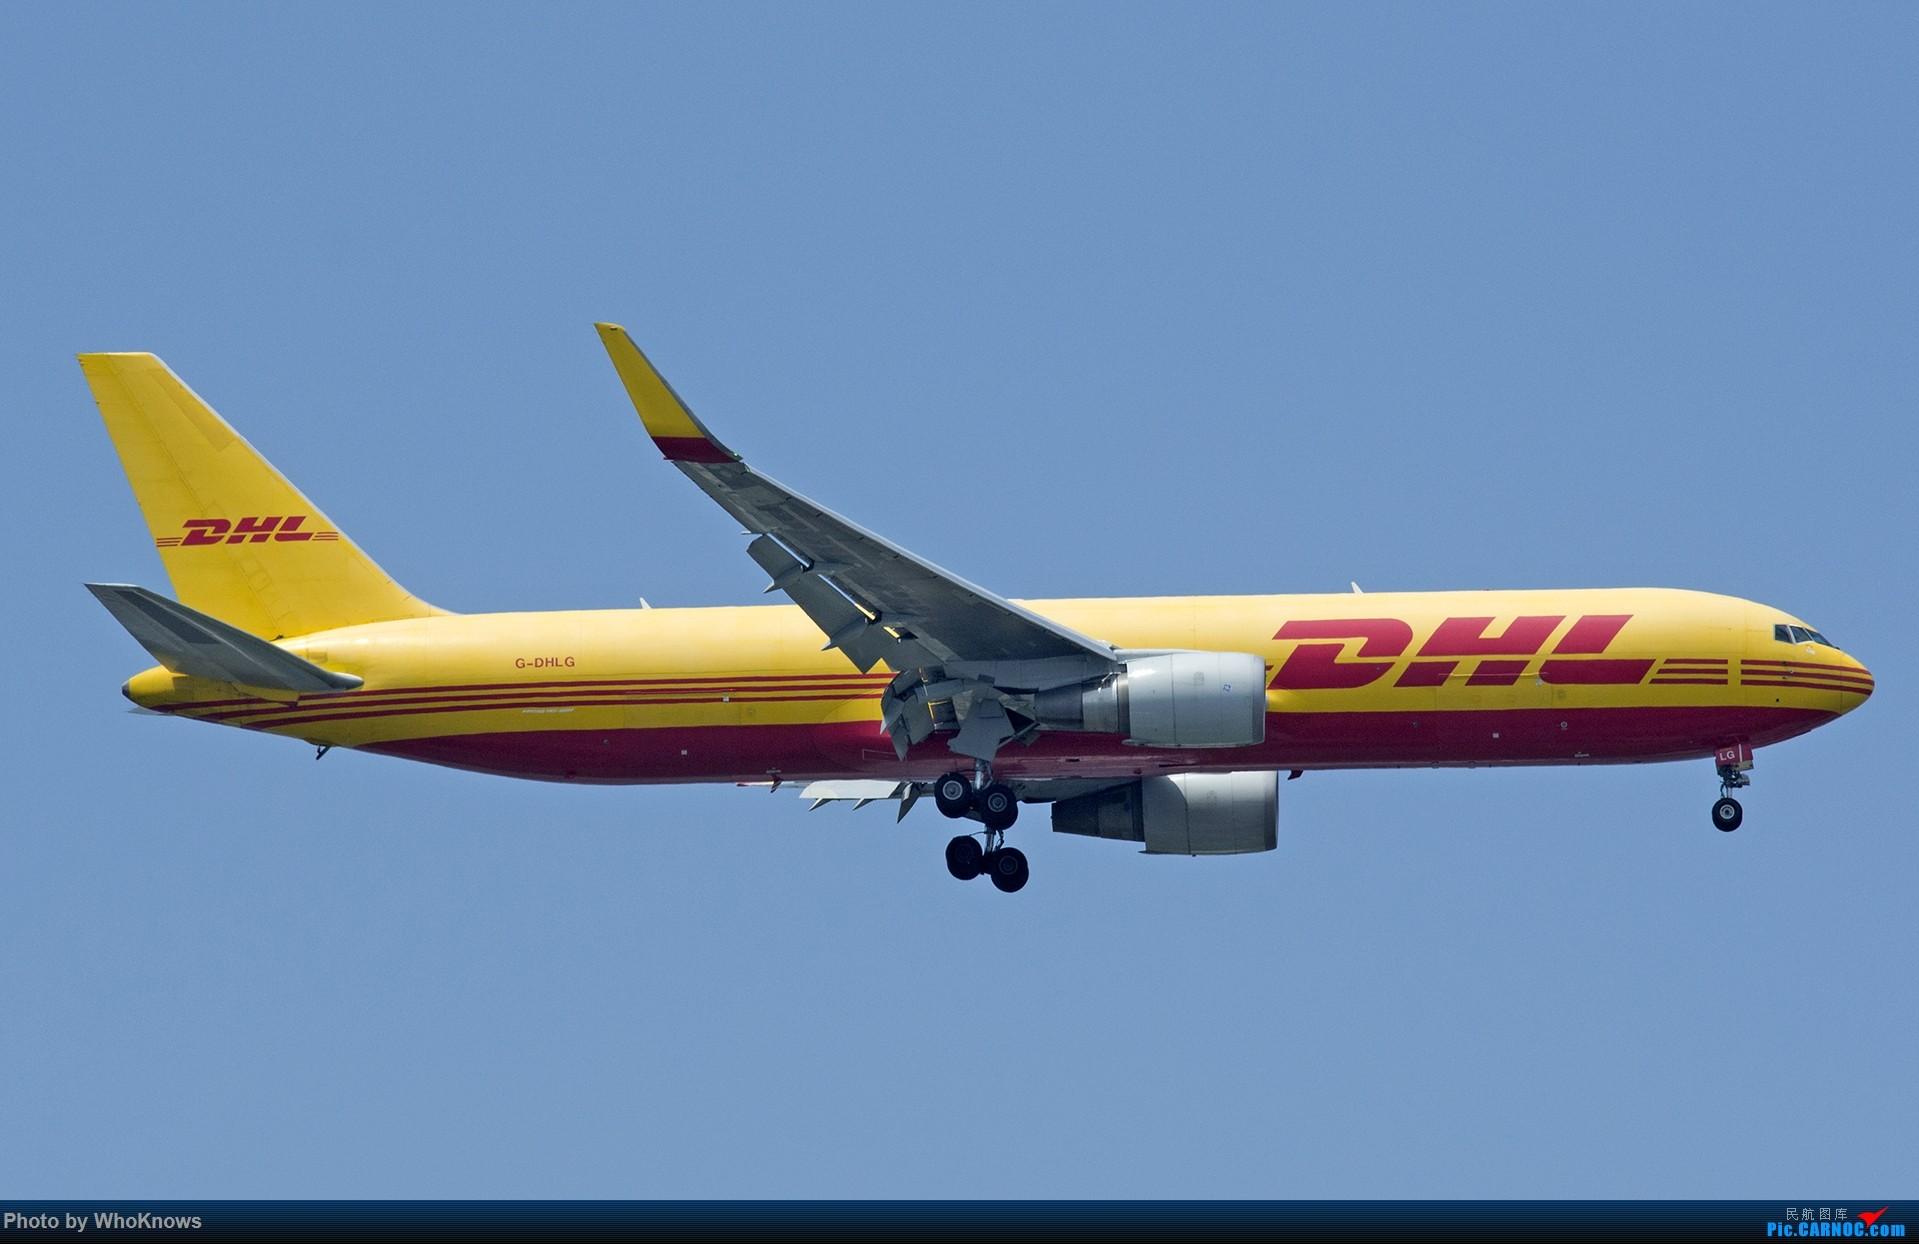 [原创]DHL BOEING 767-300ERF G-DHLG 美国纽约约翰·菲茨杰拉德·肯尼迪国际机场